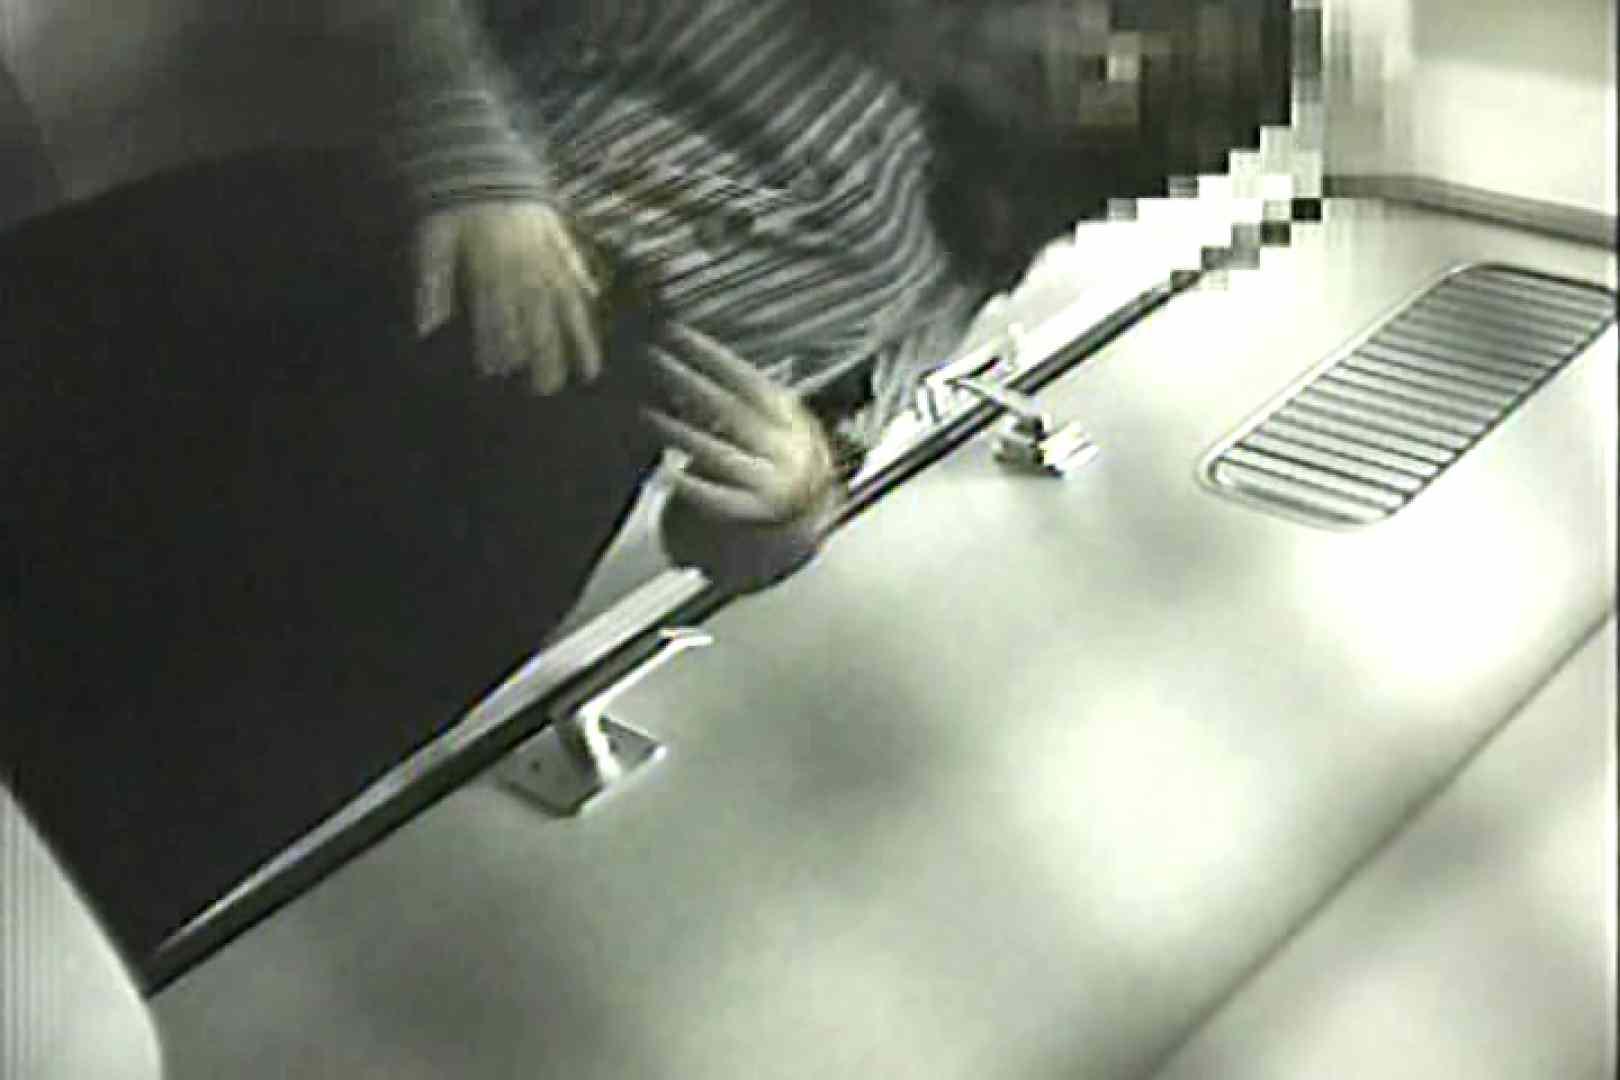 車内洗面所盗撮 電車ゆれればお尻もゆれる TK-98 盗撮師作品 オメコ動画キャプチャ 101pic 12